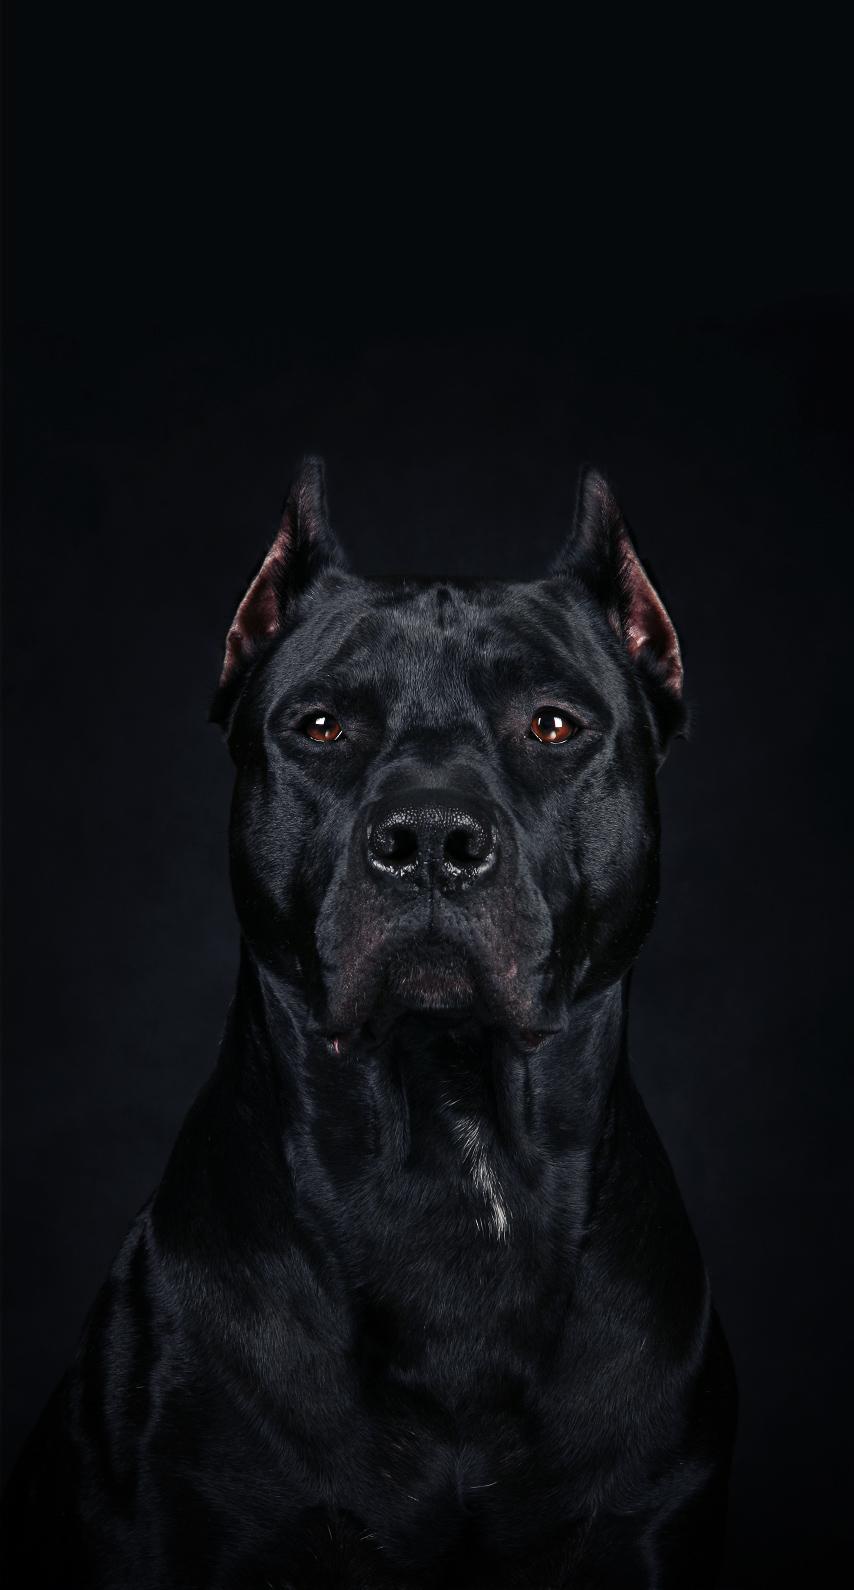 cane corso, guard dog